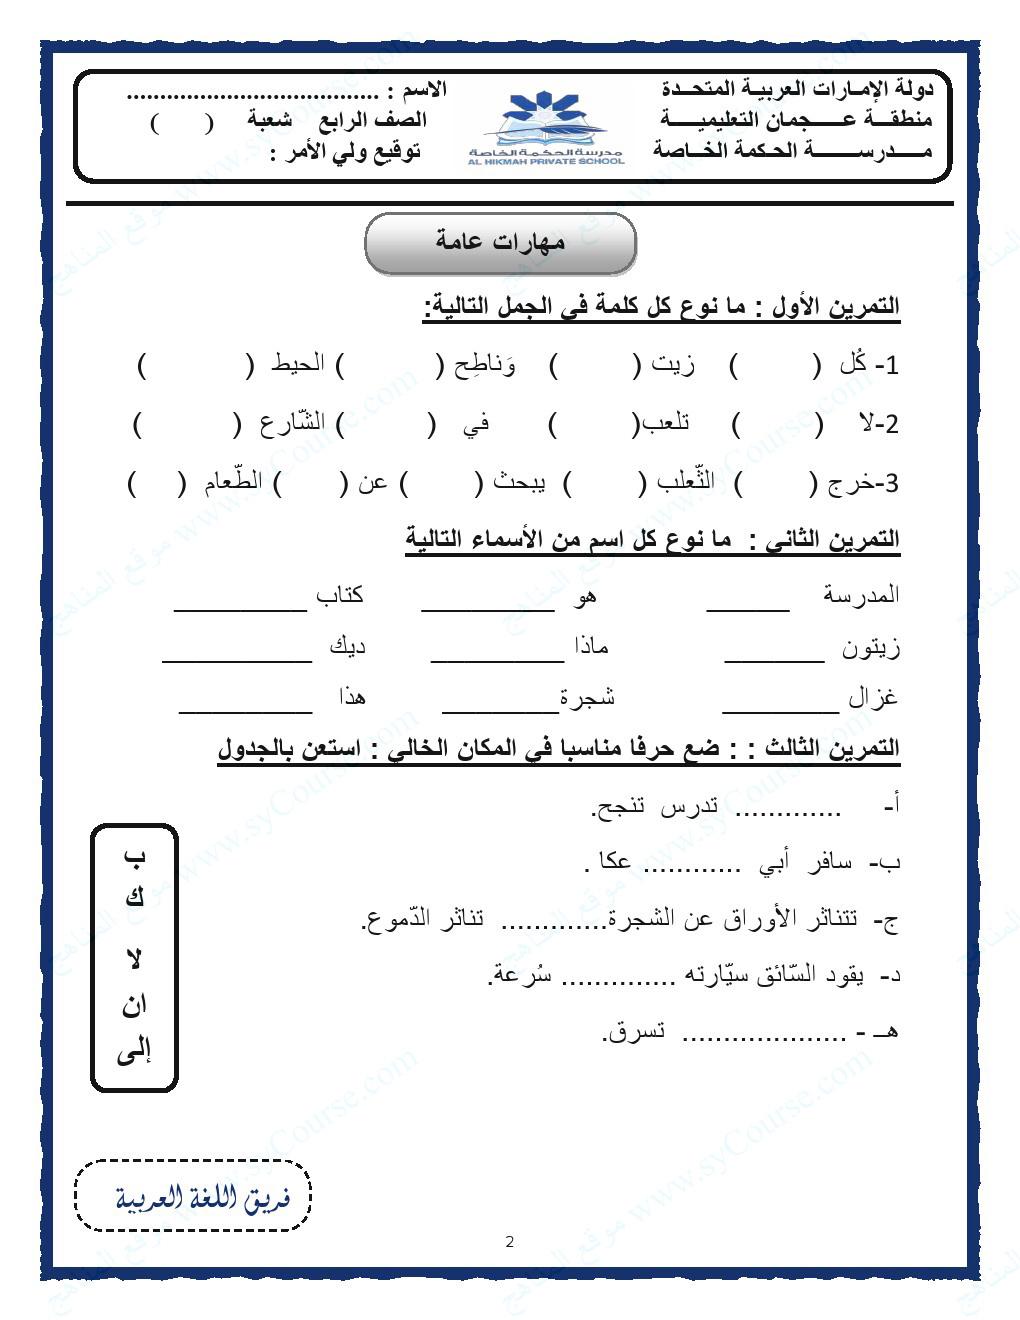 حل اسئلة كتاب الفلسفة للصف الاول الثانوى